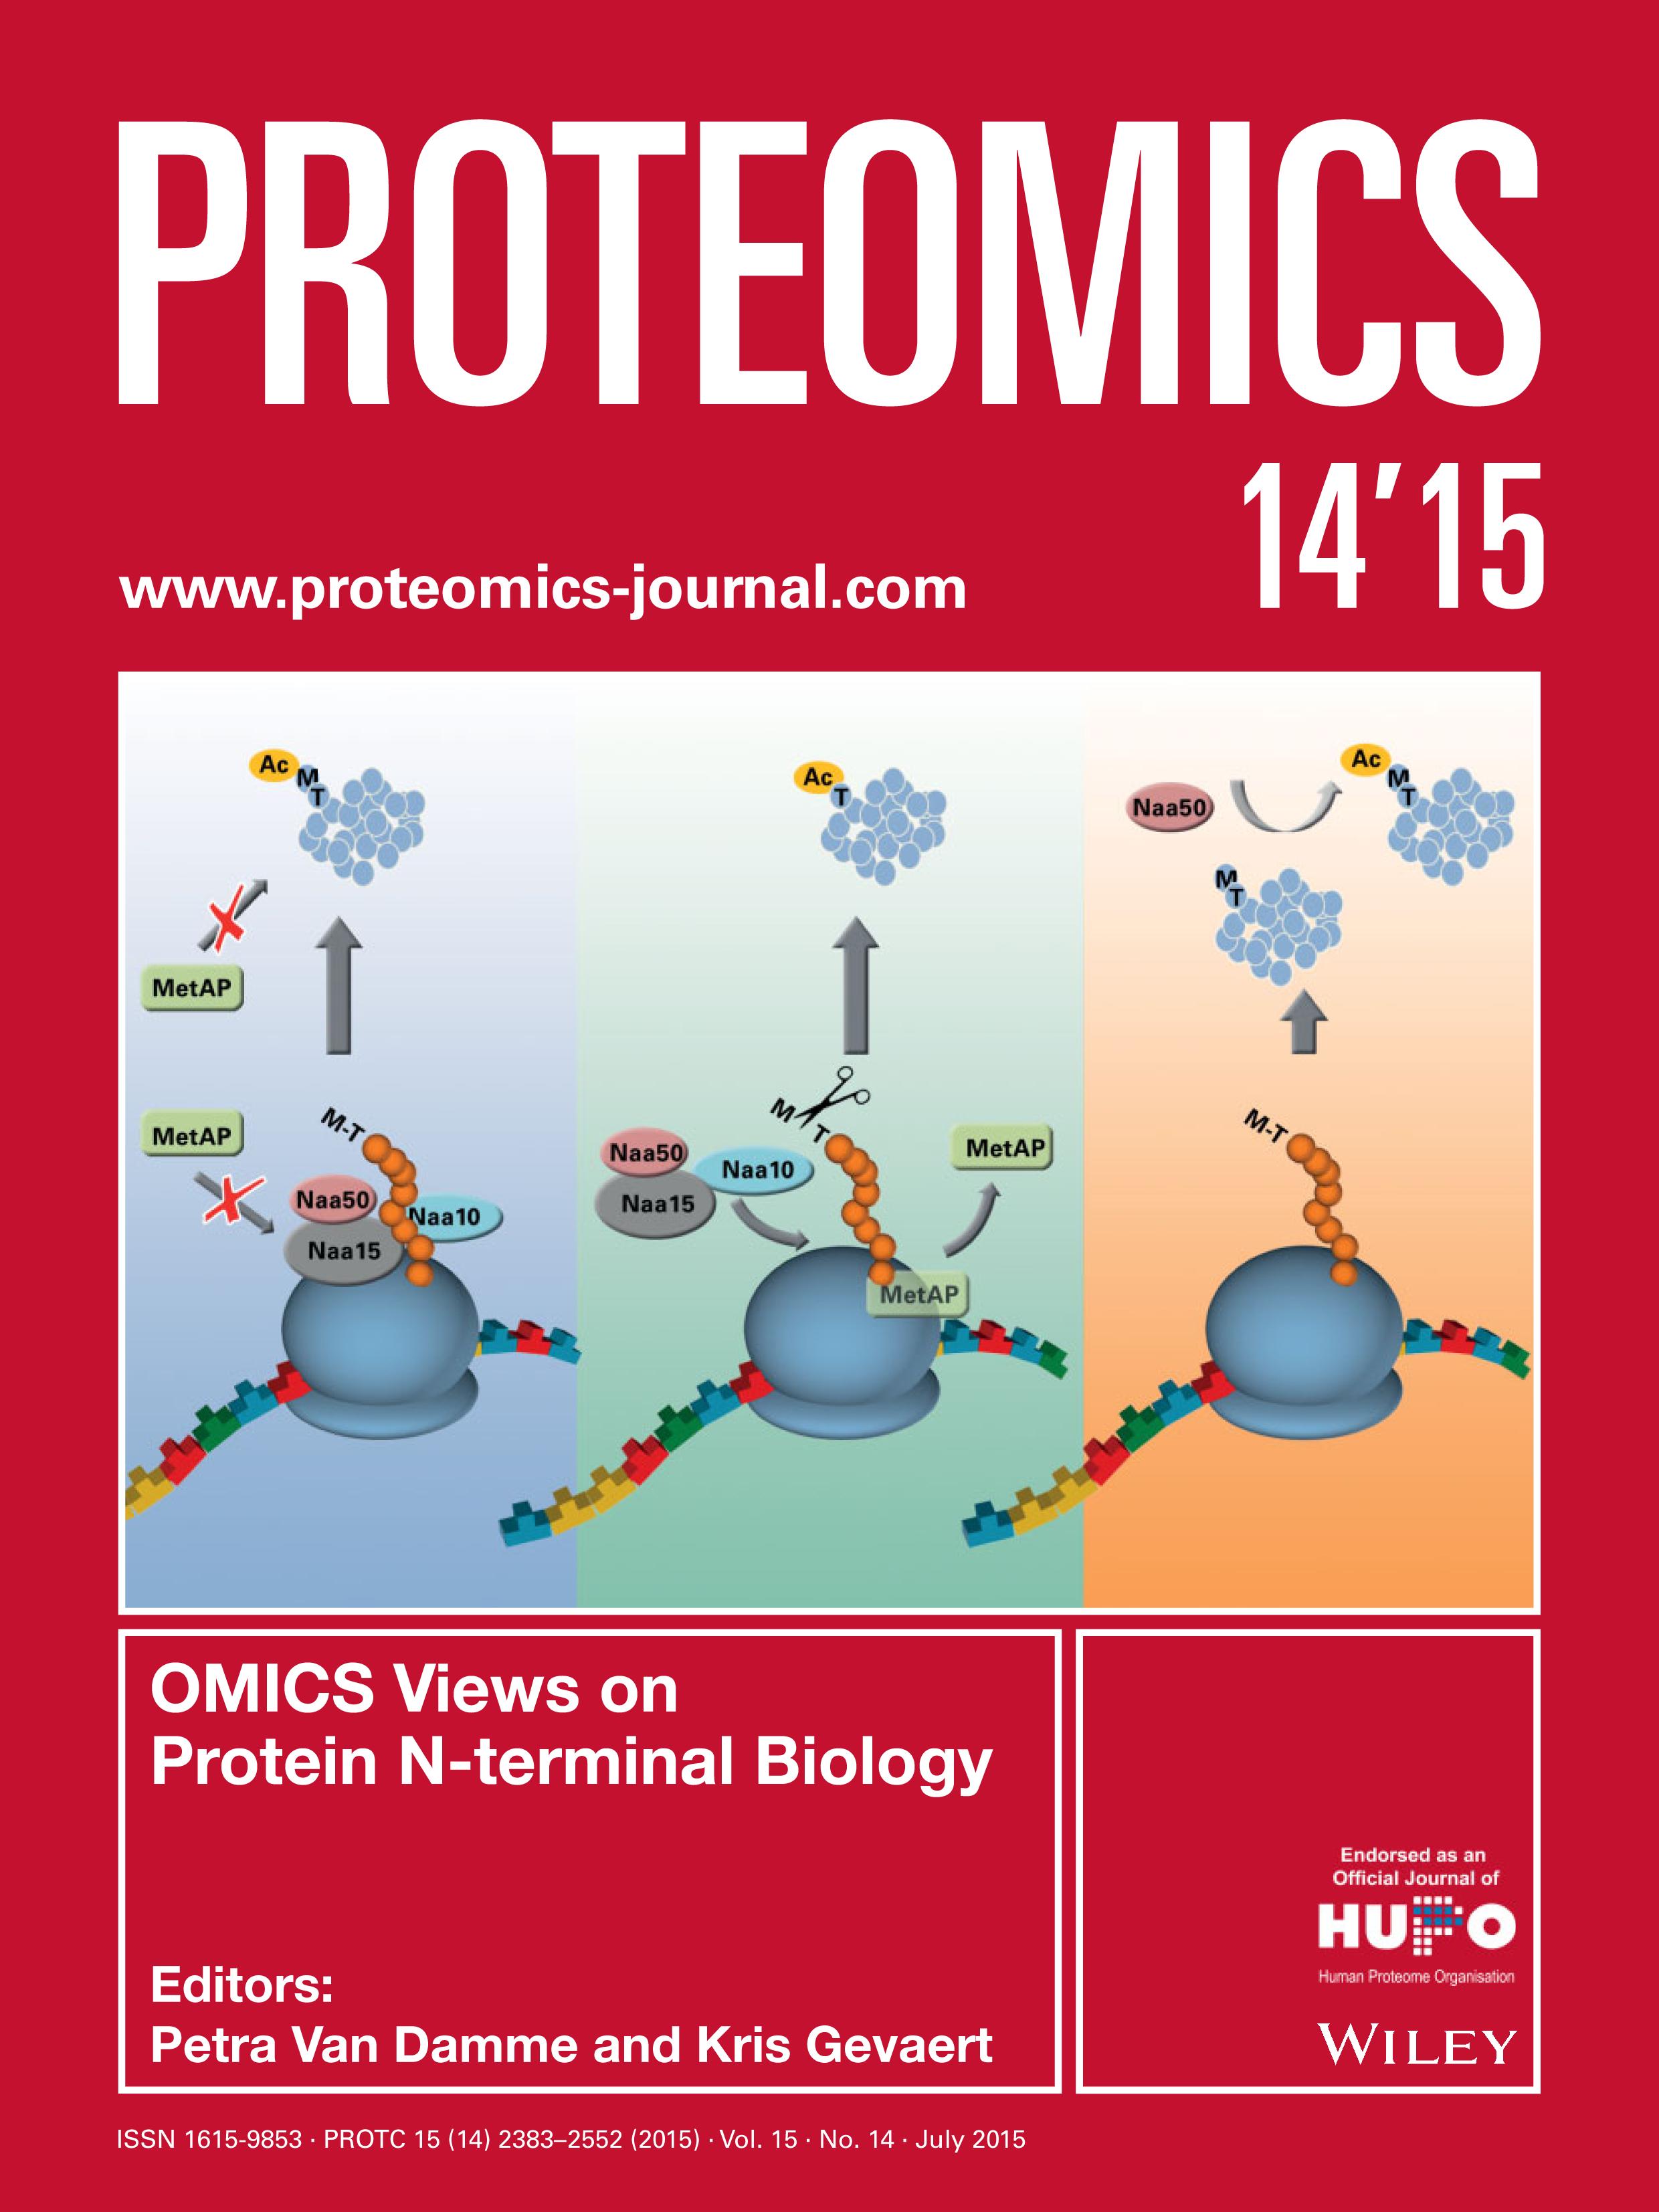 Copyright Proteomics